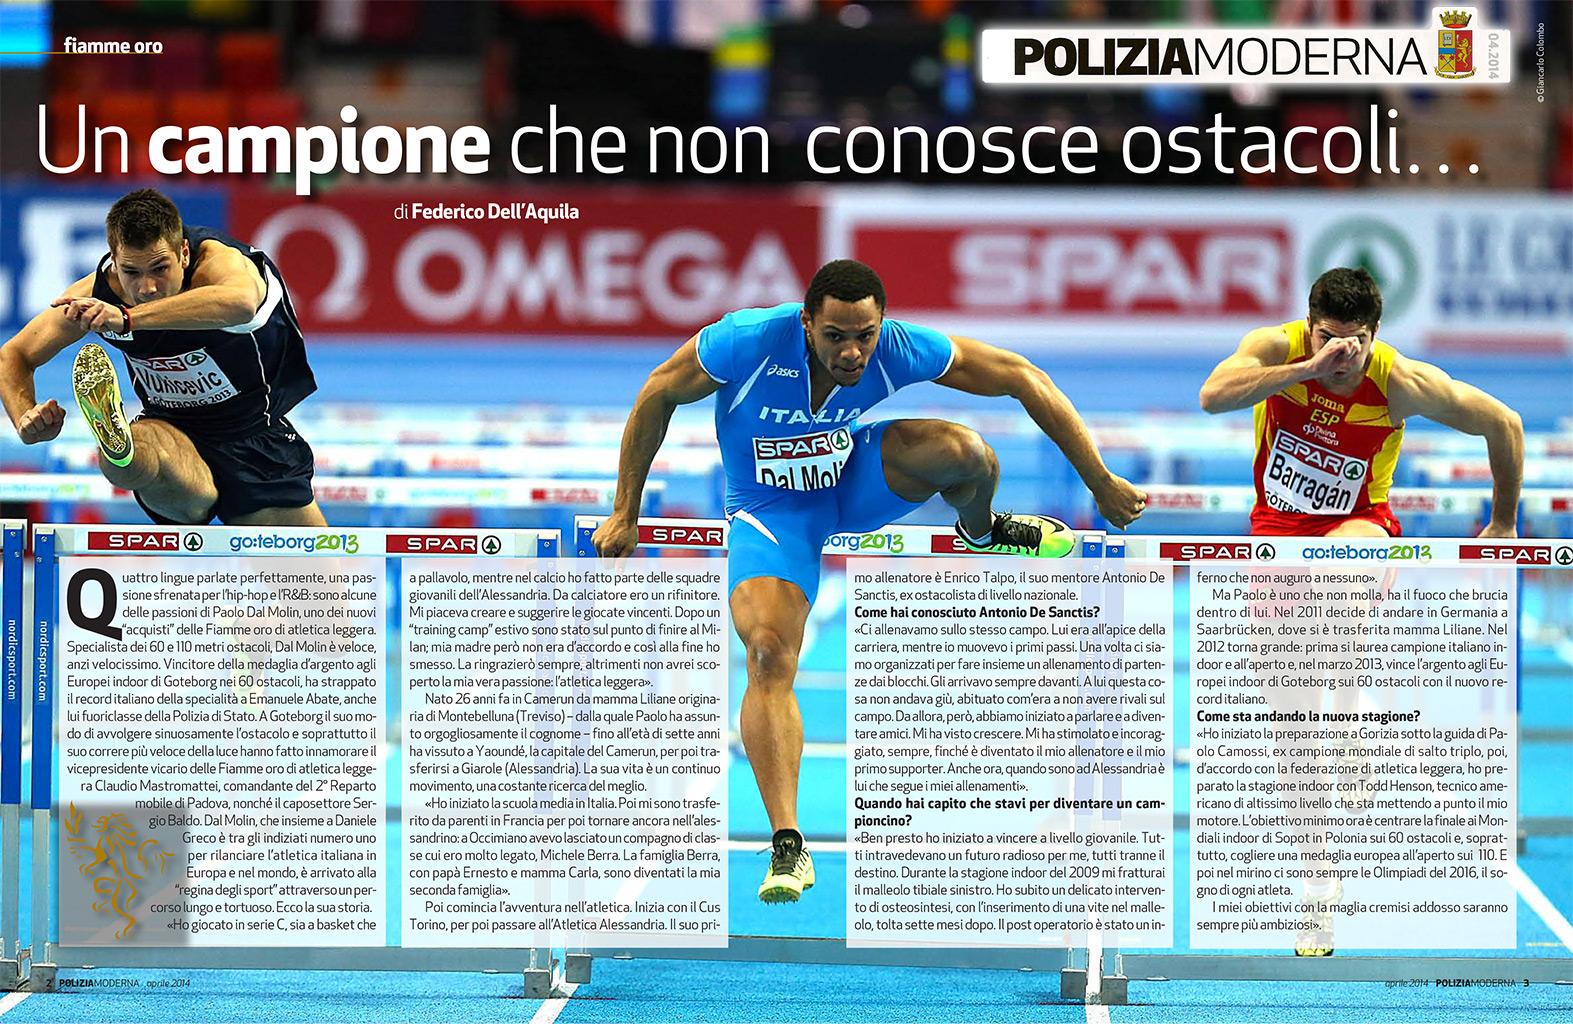 Paolo Dal Molin - Polizia Moderna - Fiamme Oro Atletica